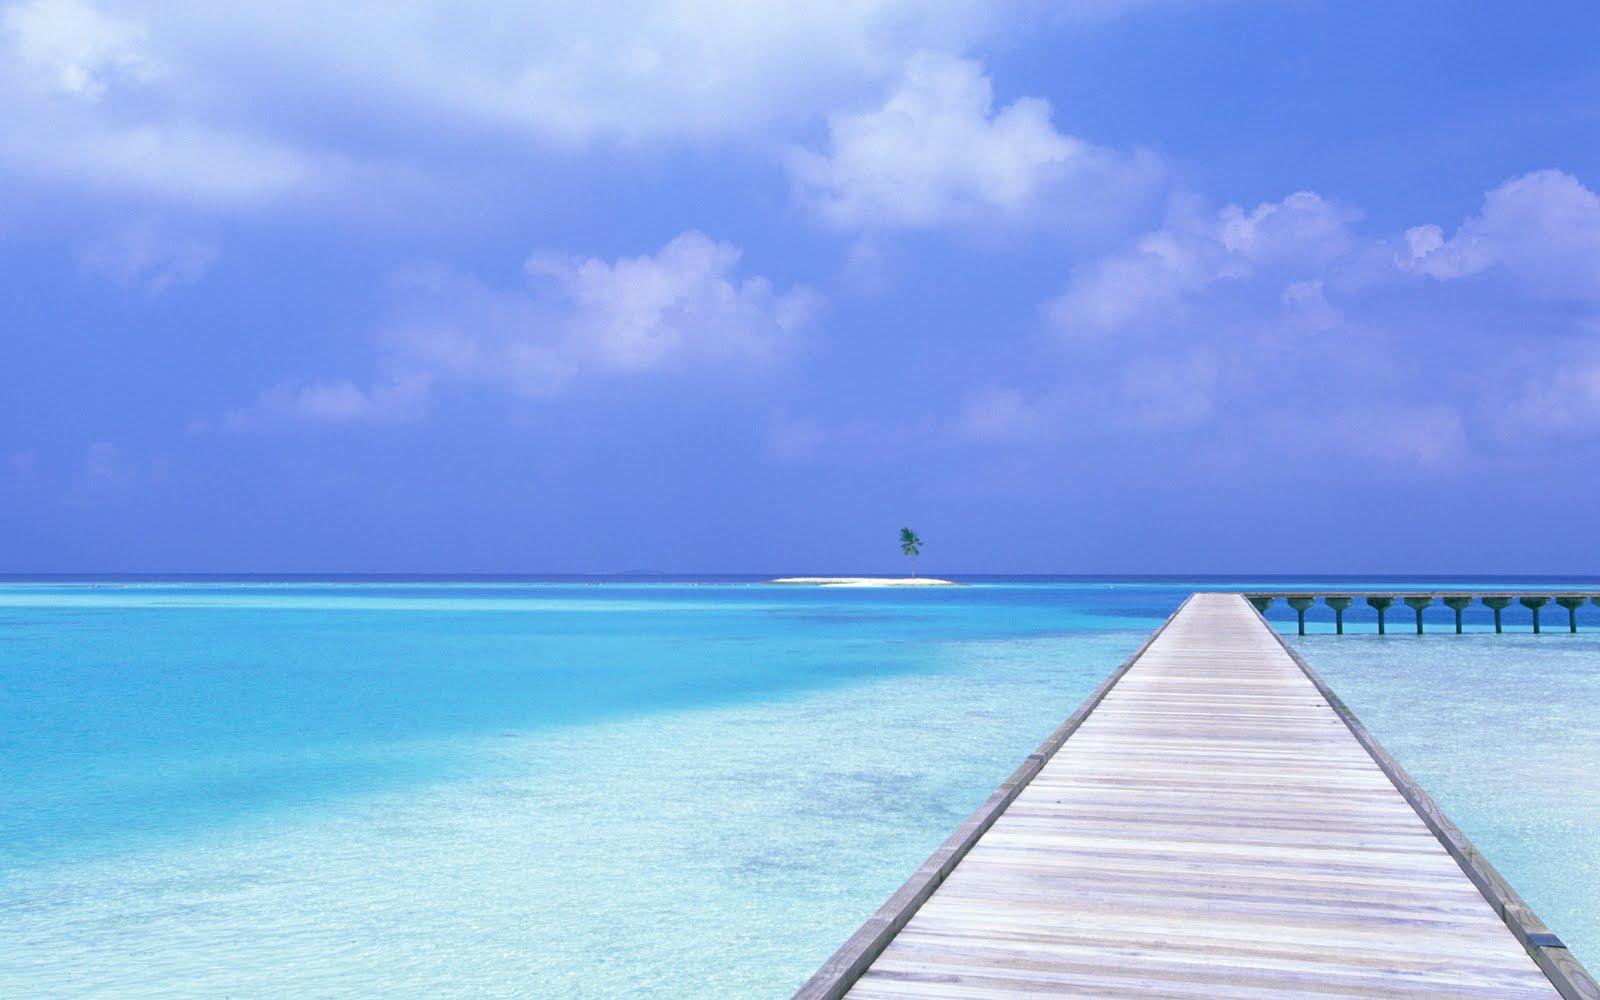 http://4.bp.blogspot.com/-2bVTr-ZMwts/TmeHN5Sn5SI/AAAAAAAAFhU/eDy8rCePOJU/s1600/Caribbean+beach+wallpaper.jpg